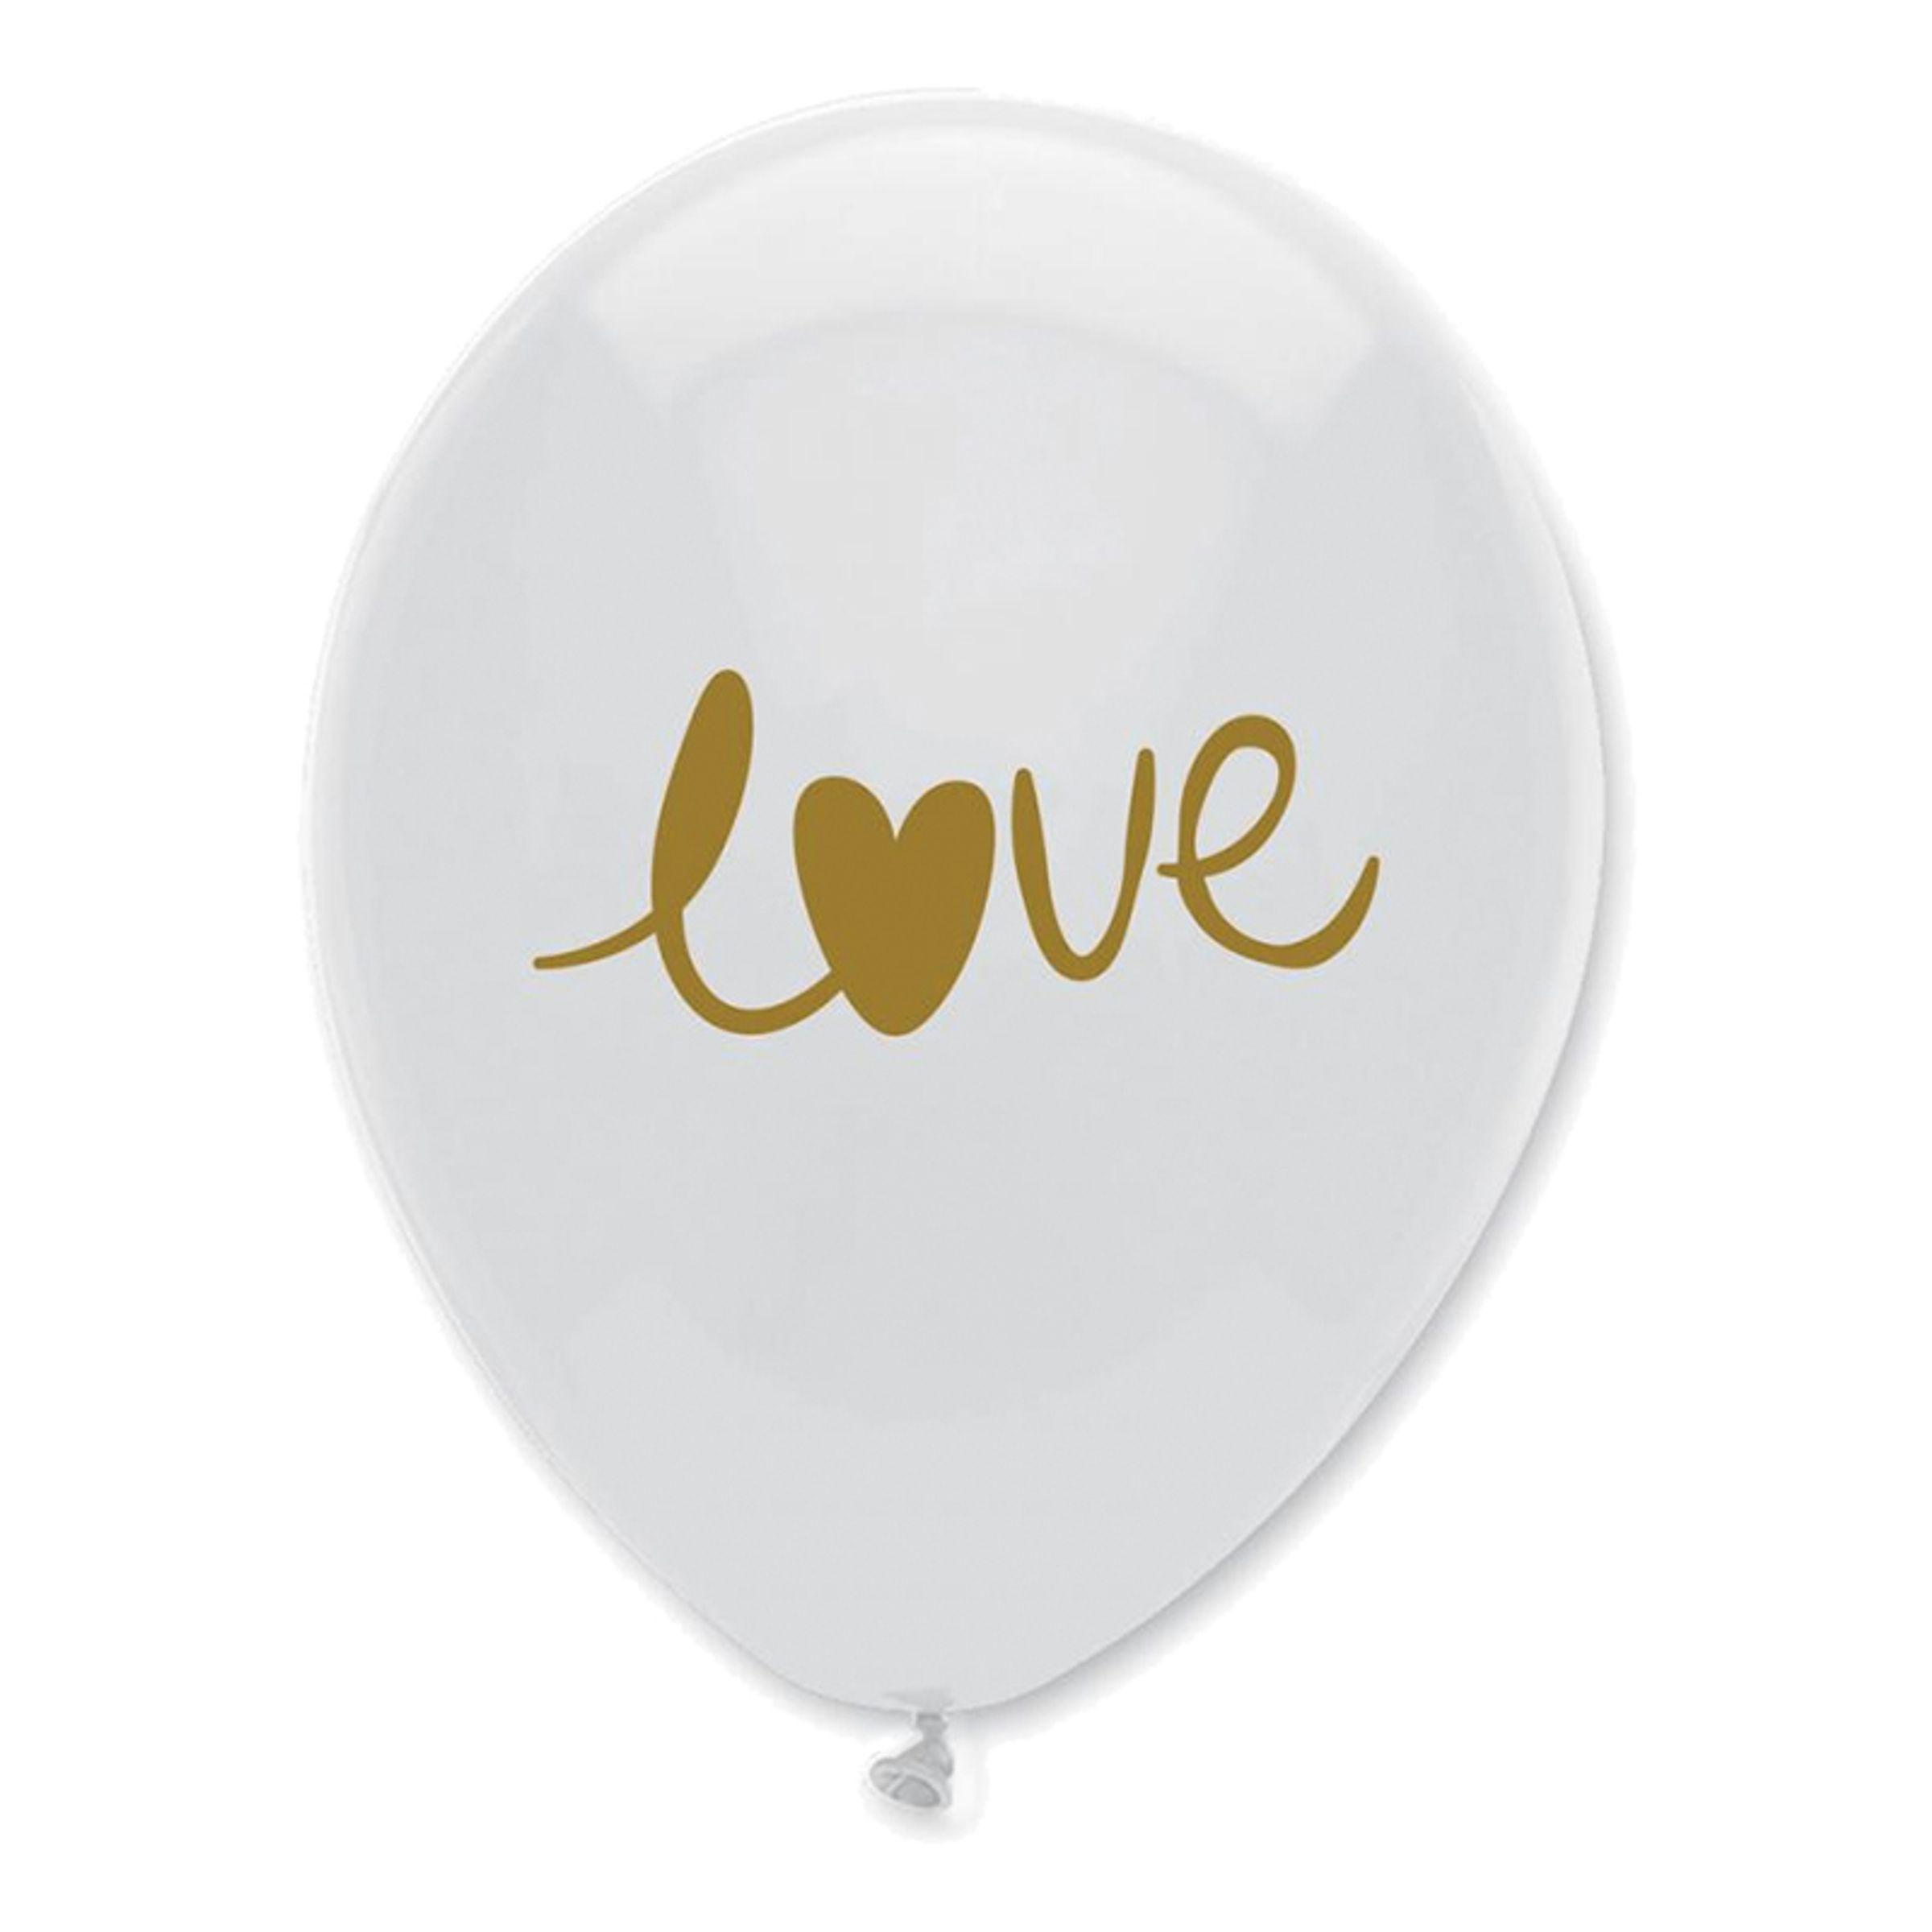 Ballonger LOVE Vit/Guld - 10-pack